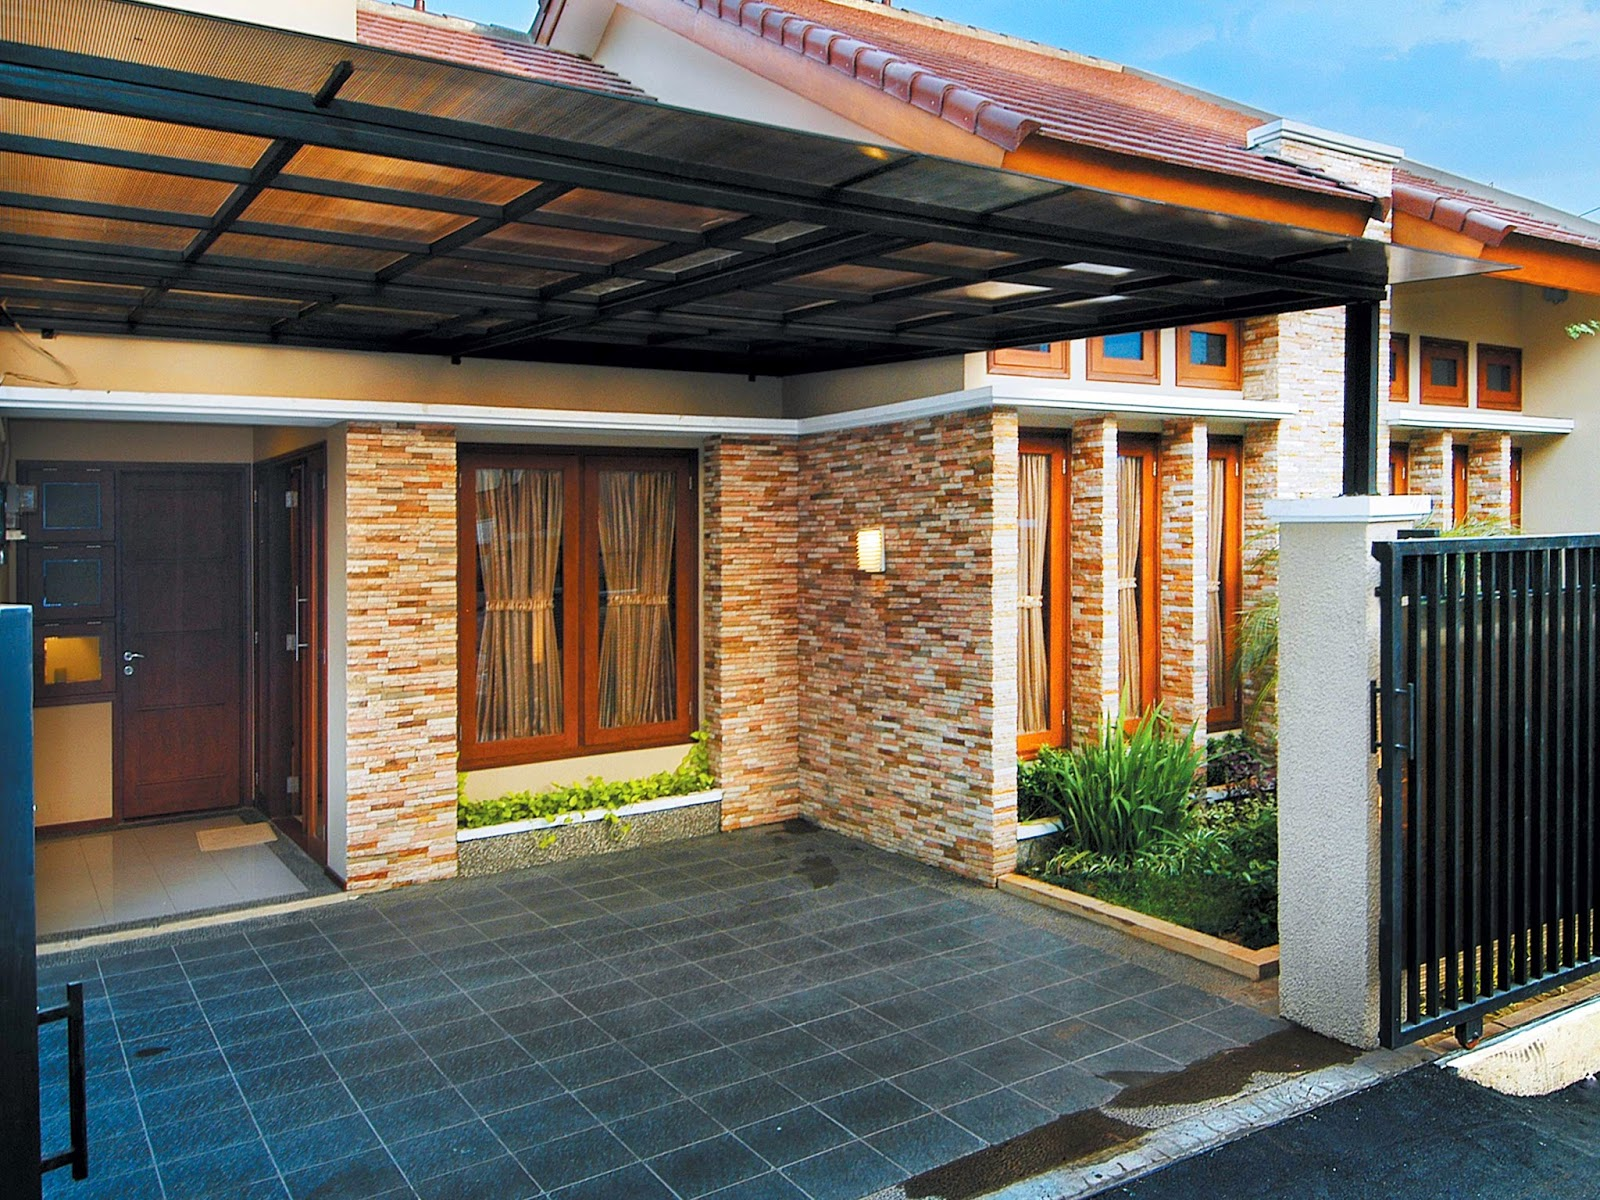 contoh kombinasi batu alam dengan rumah minimalis